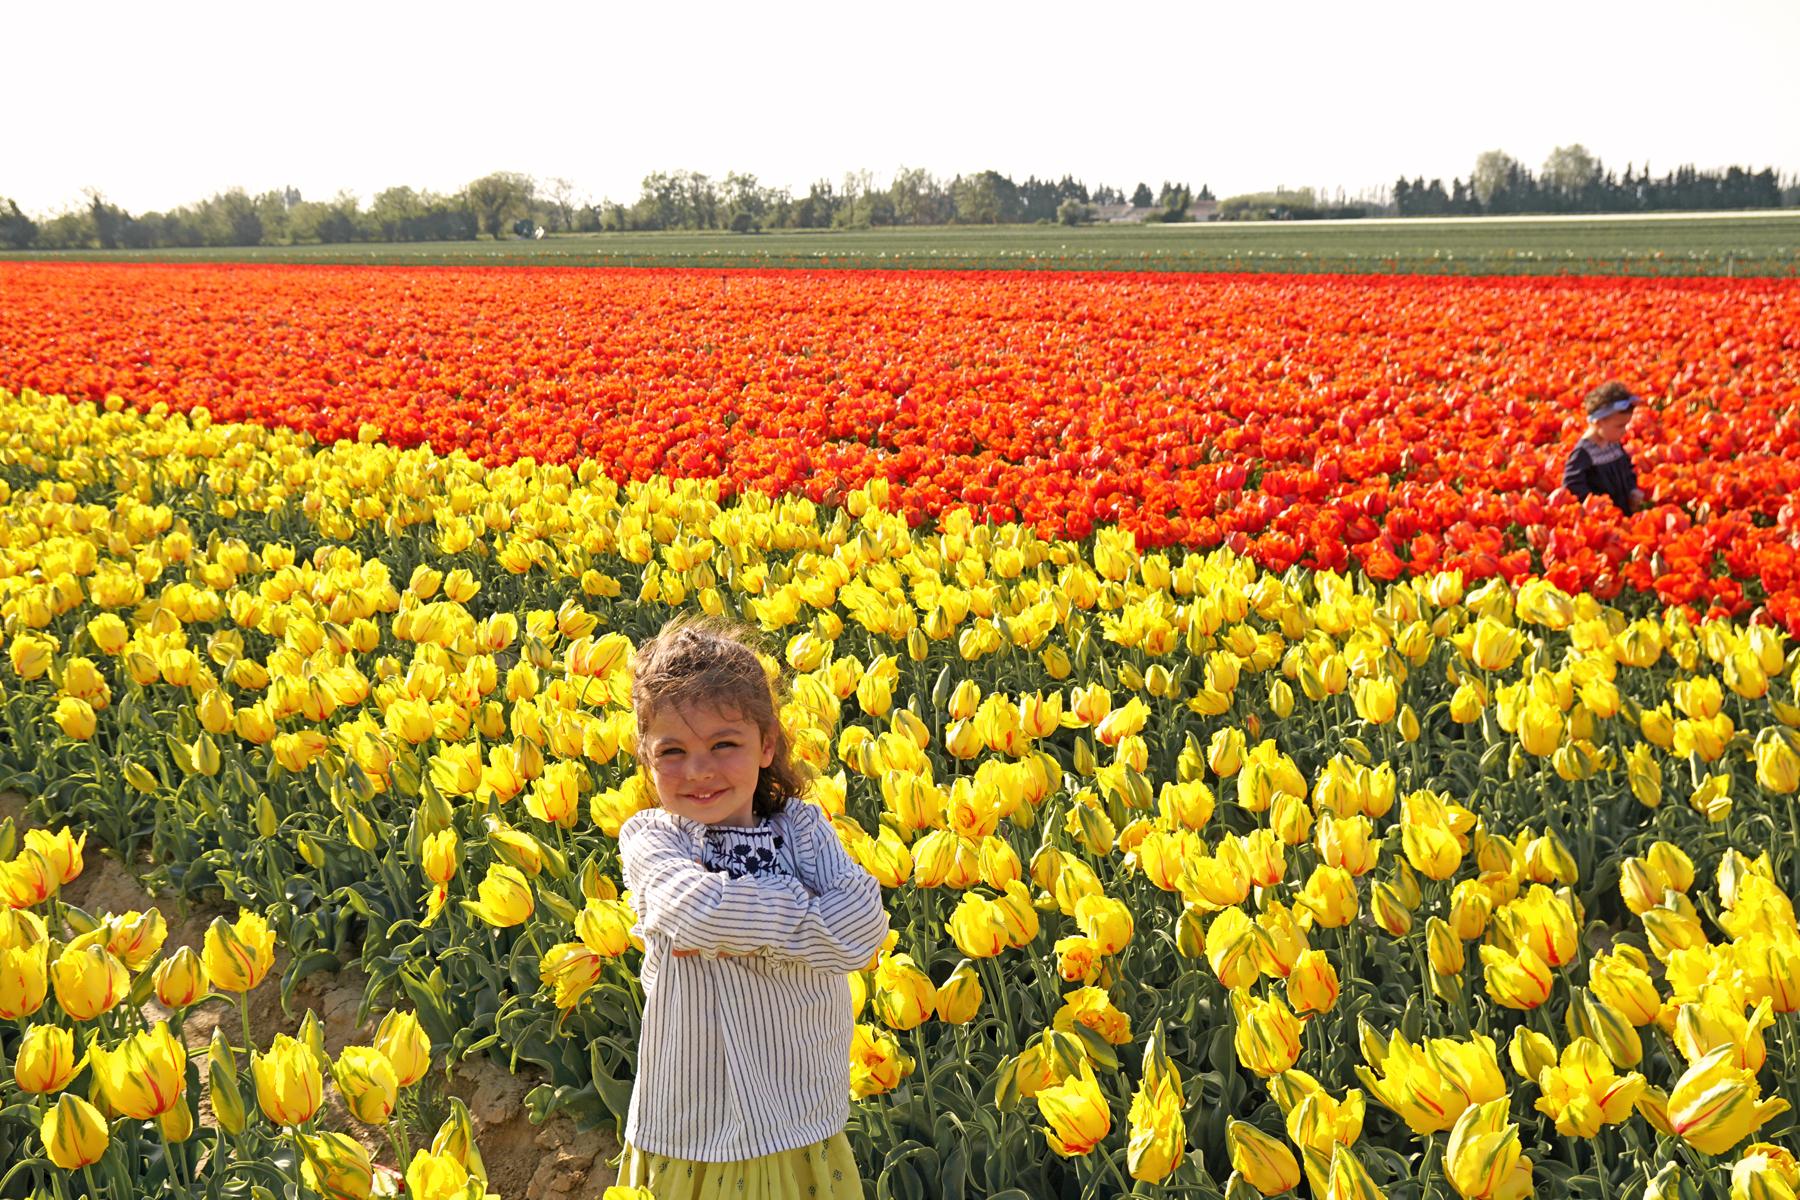 Petites filles dans un champs de tulipes